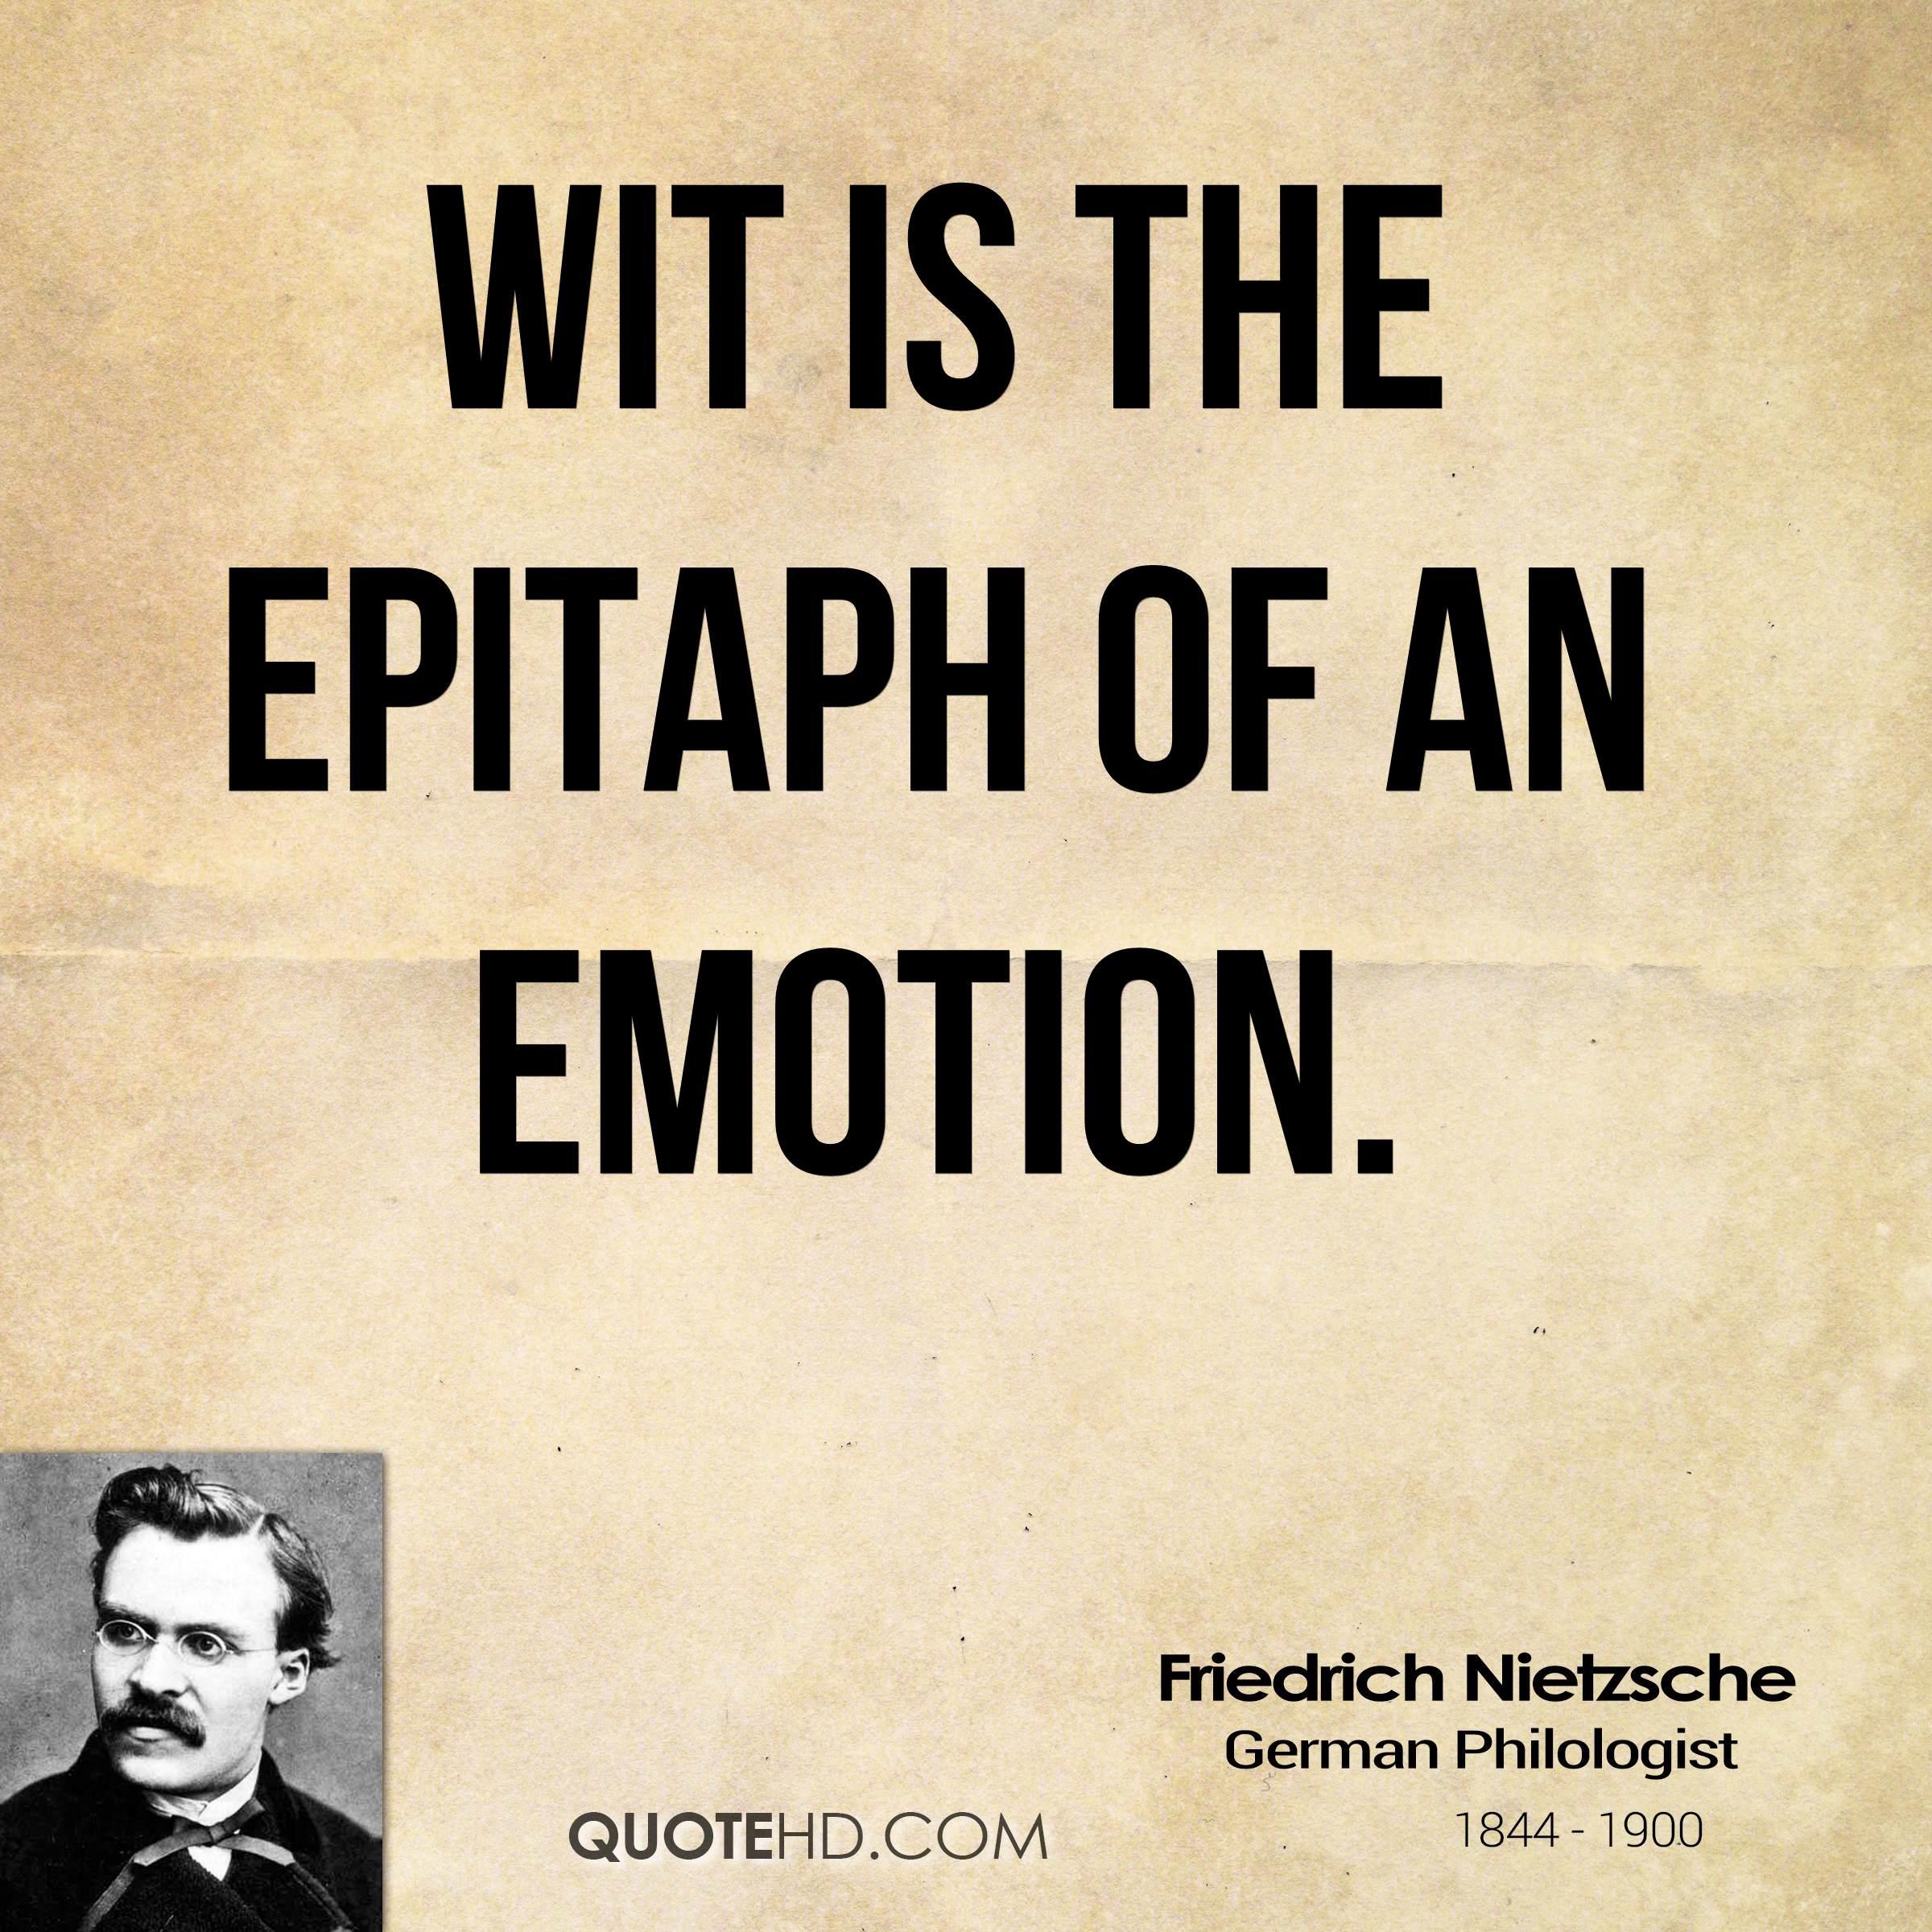 Friedrich Nietzsche Quotes In German. QuotesGram